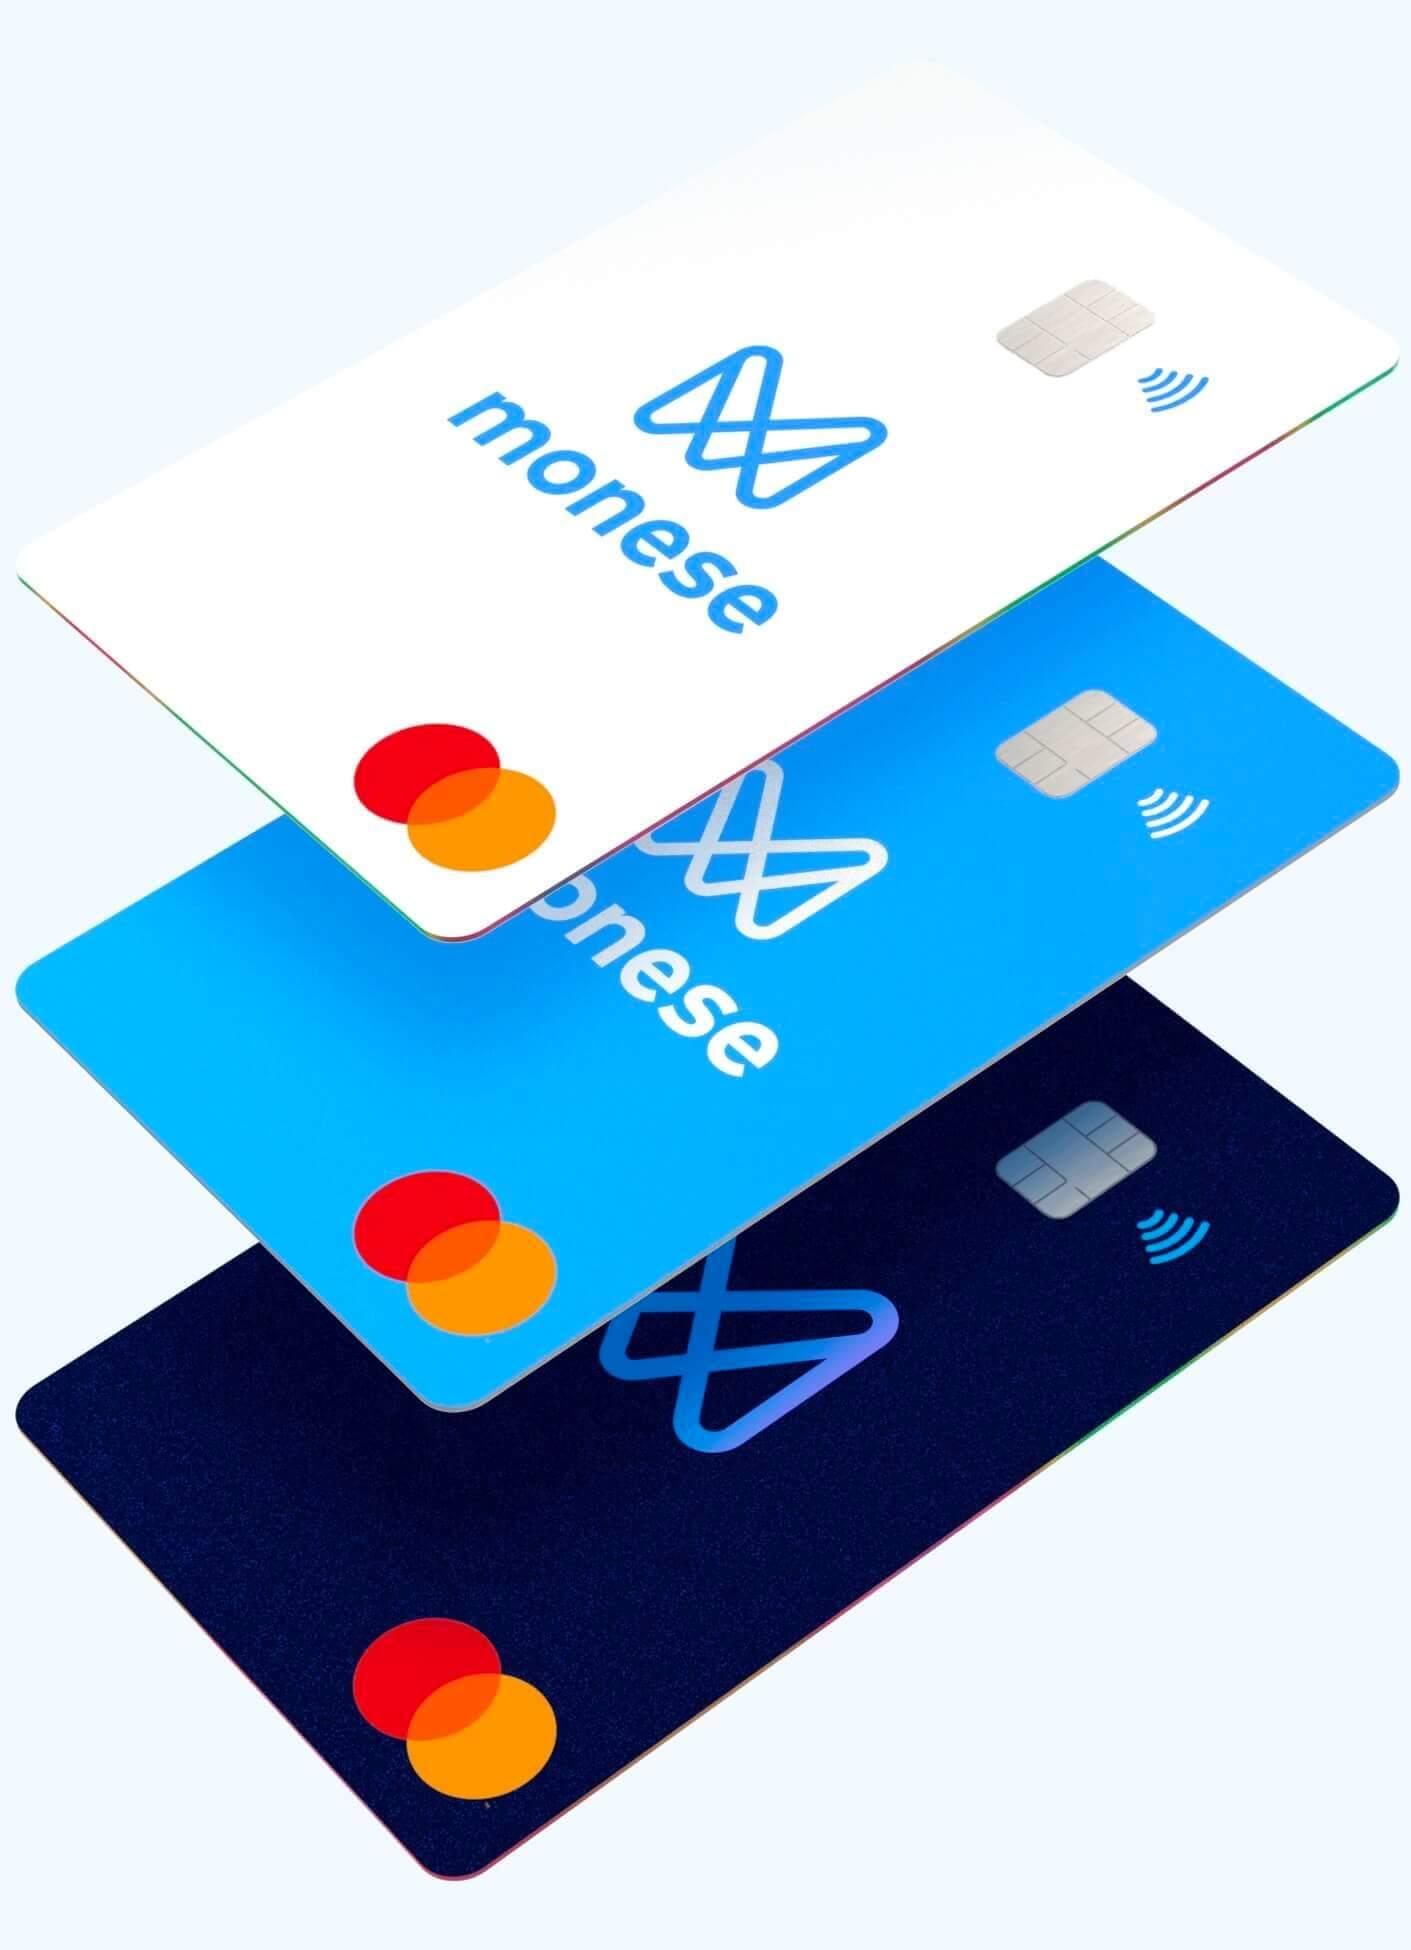 Gratis €15 tegoed + kaart voor nieuwe klanten @ Monese